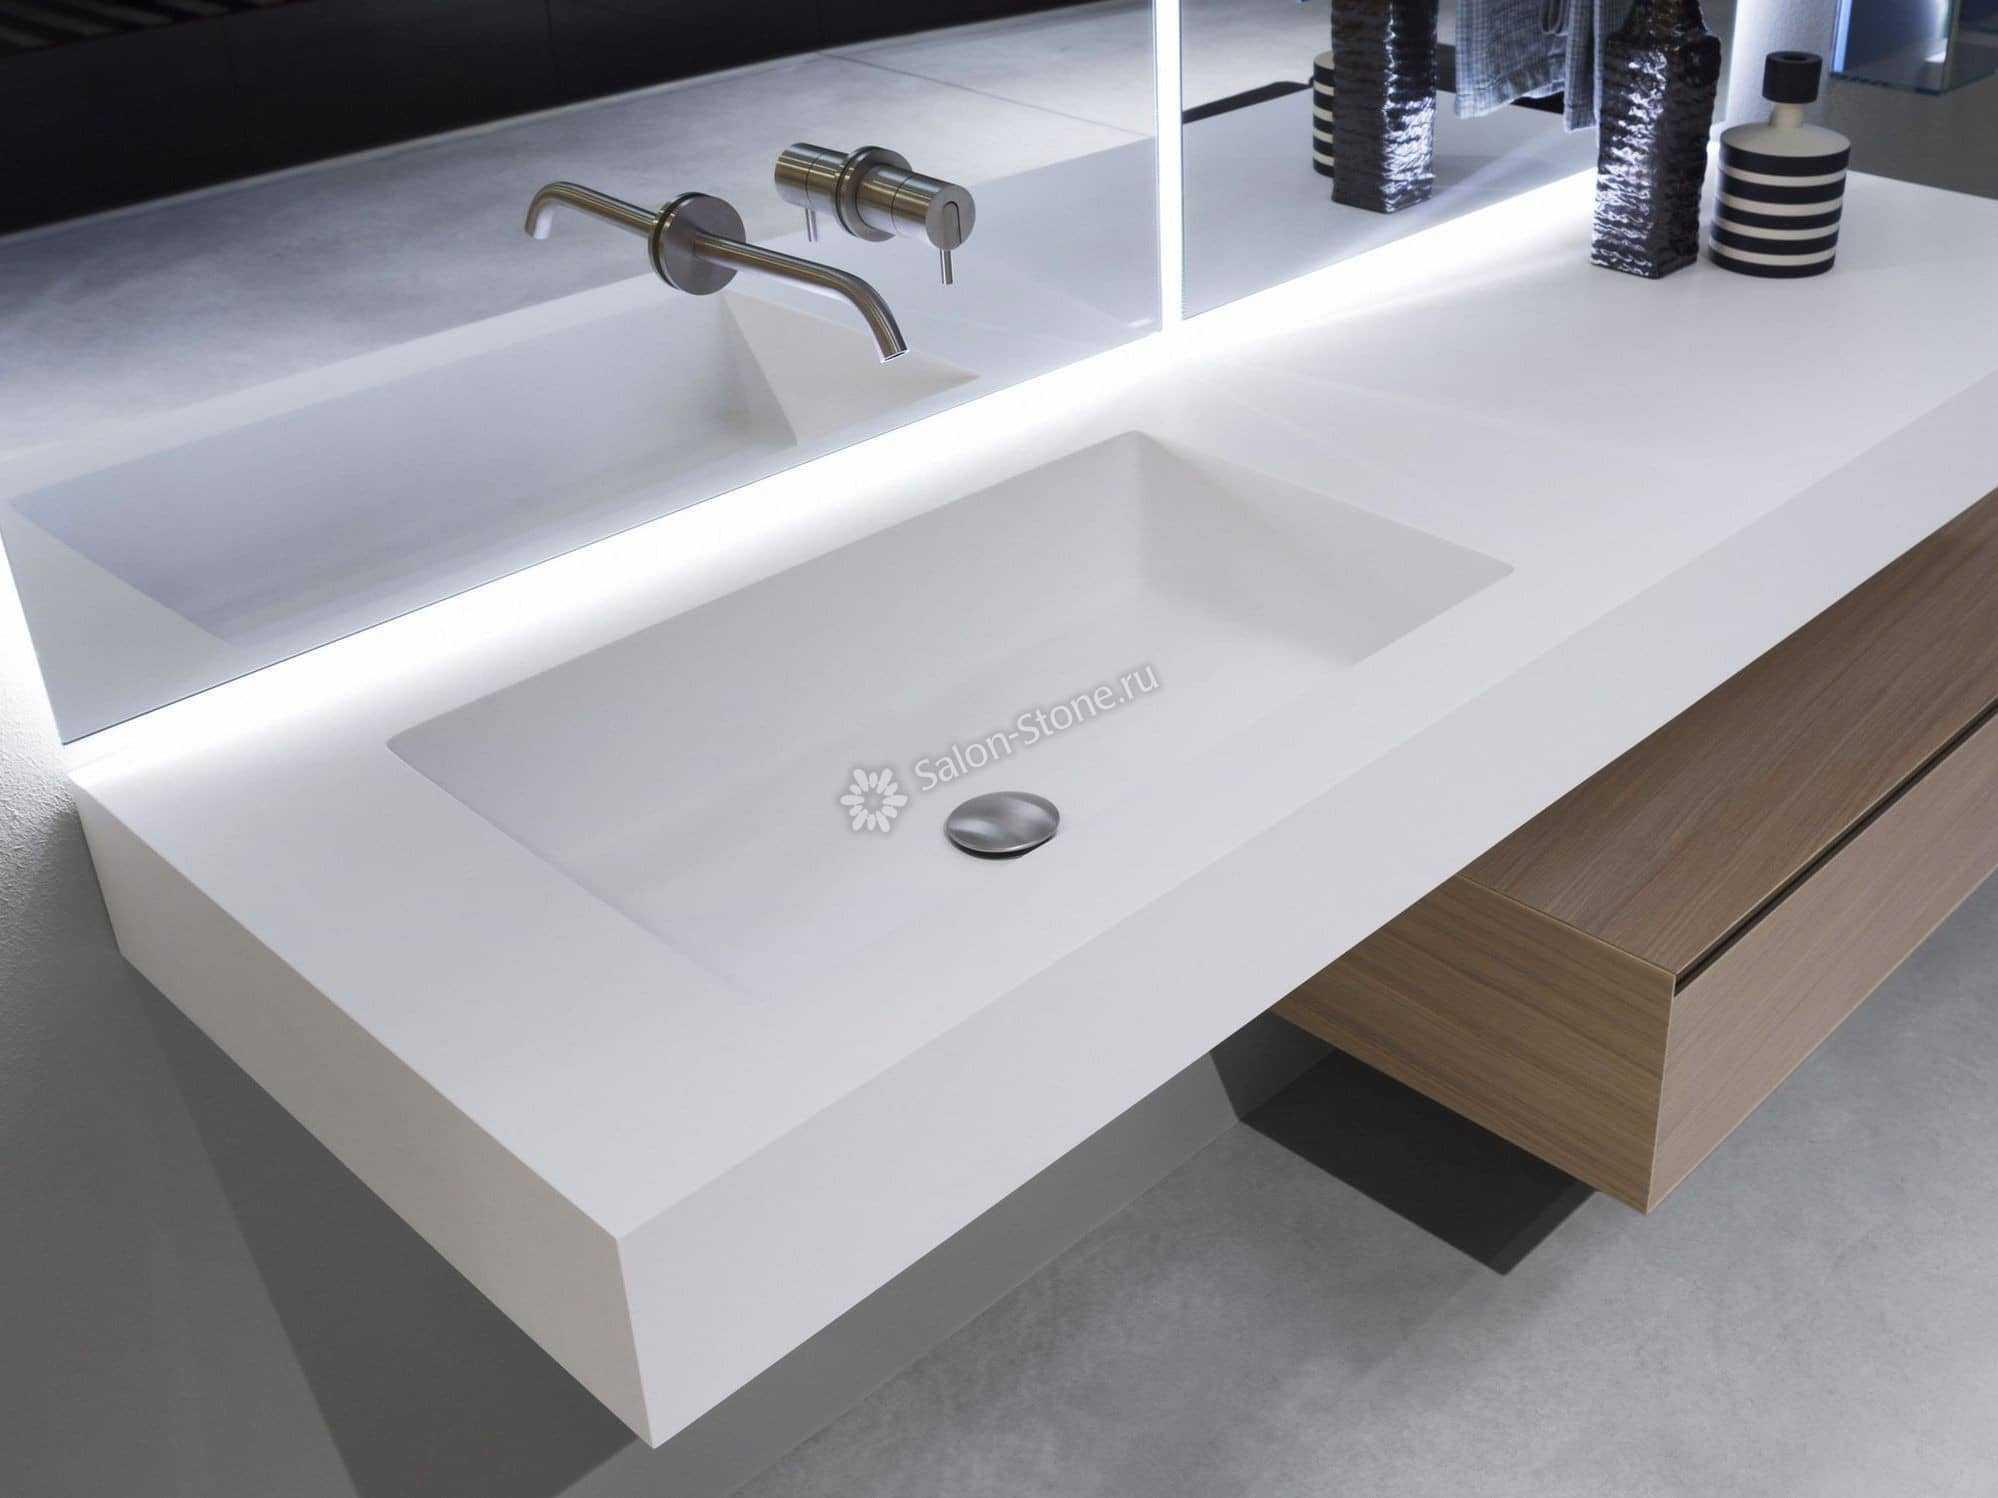 Оцените в статье информацию о том как выбрать раковину в ванную комнату Вы сможете выбрать правильно вариант для своих личных целей